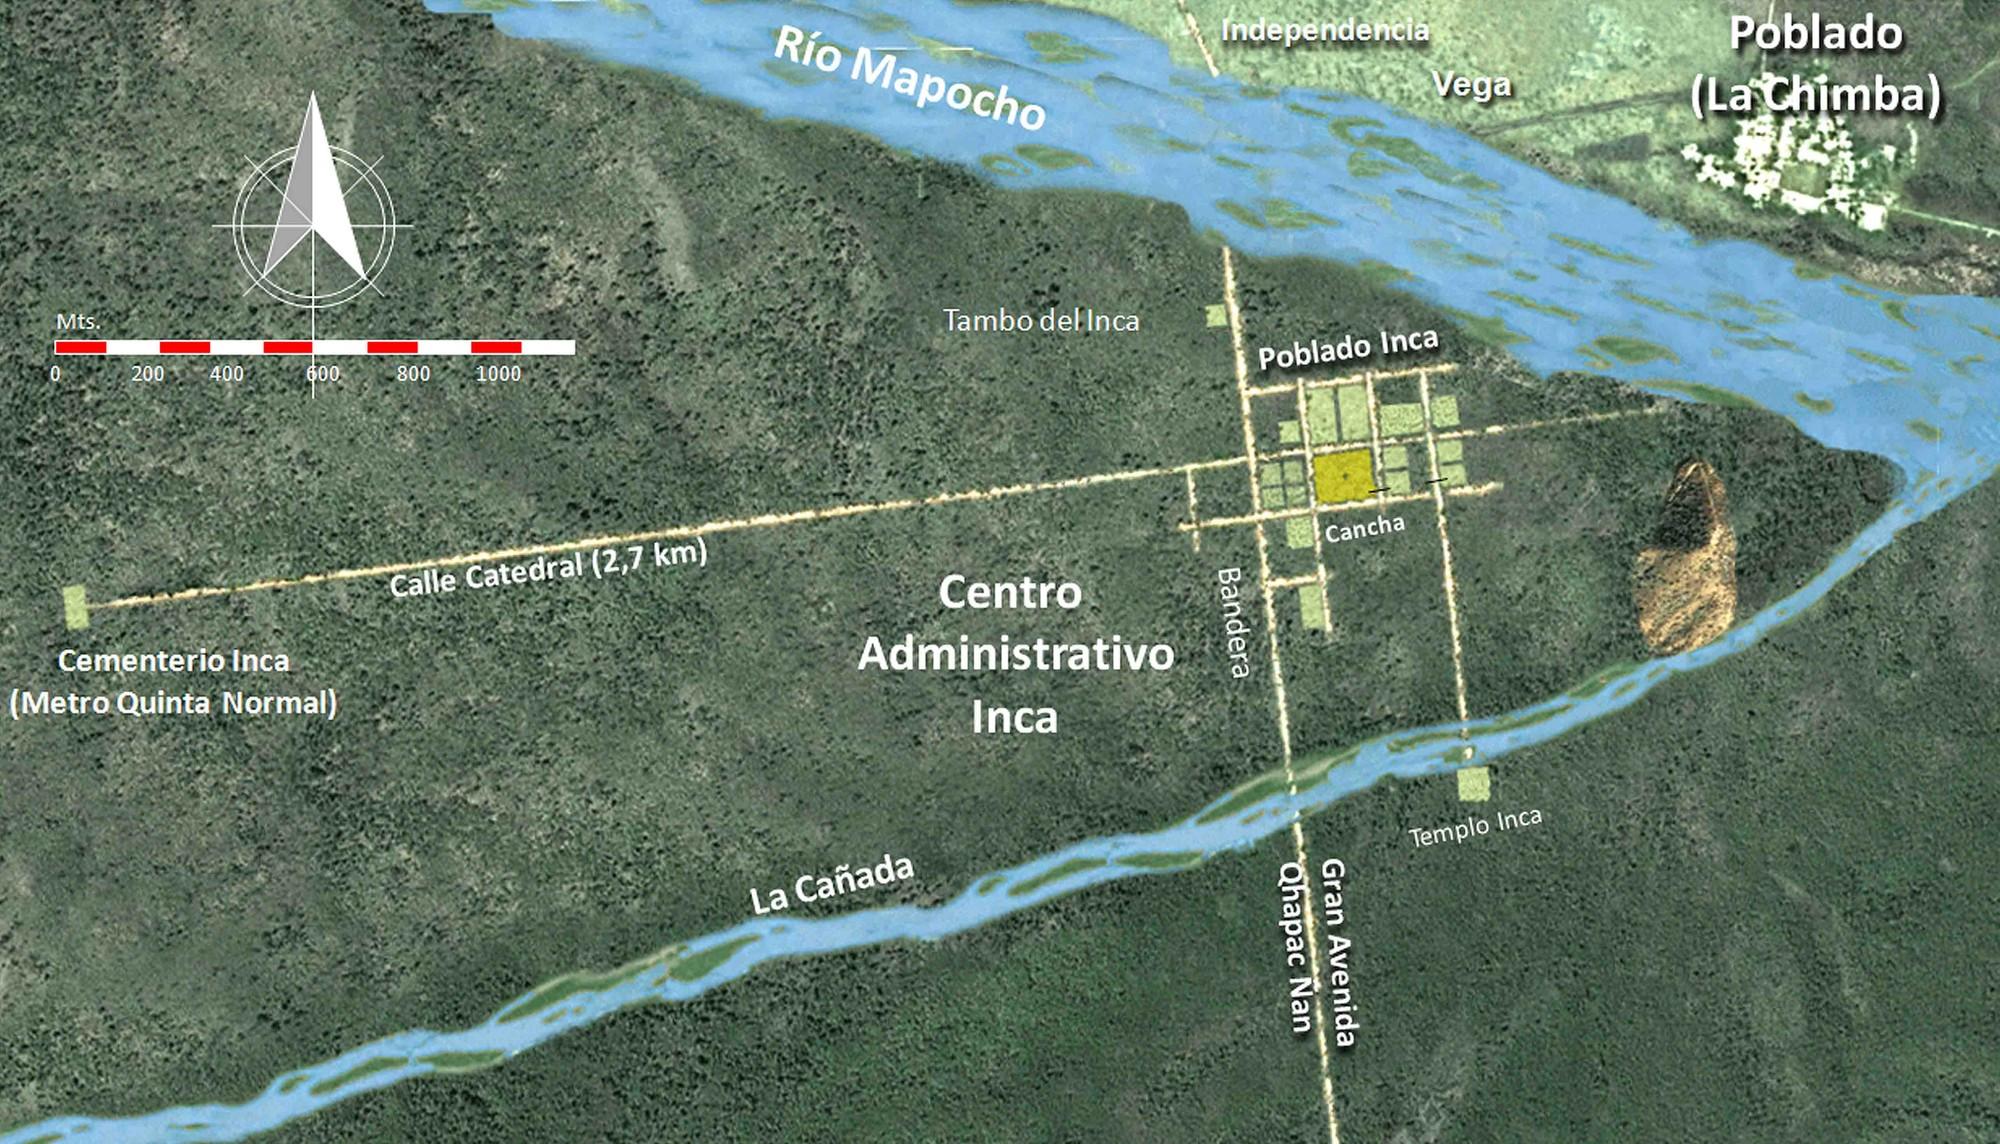 El Cuzco del Mapocho hasta 1540. Image Cortesia de CANCHA + WACA